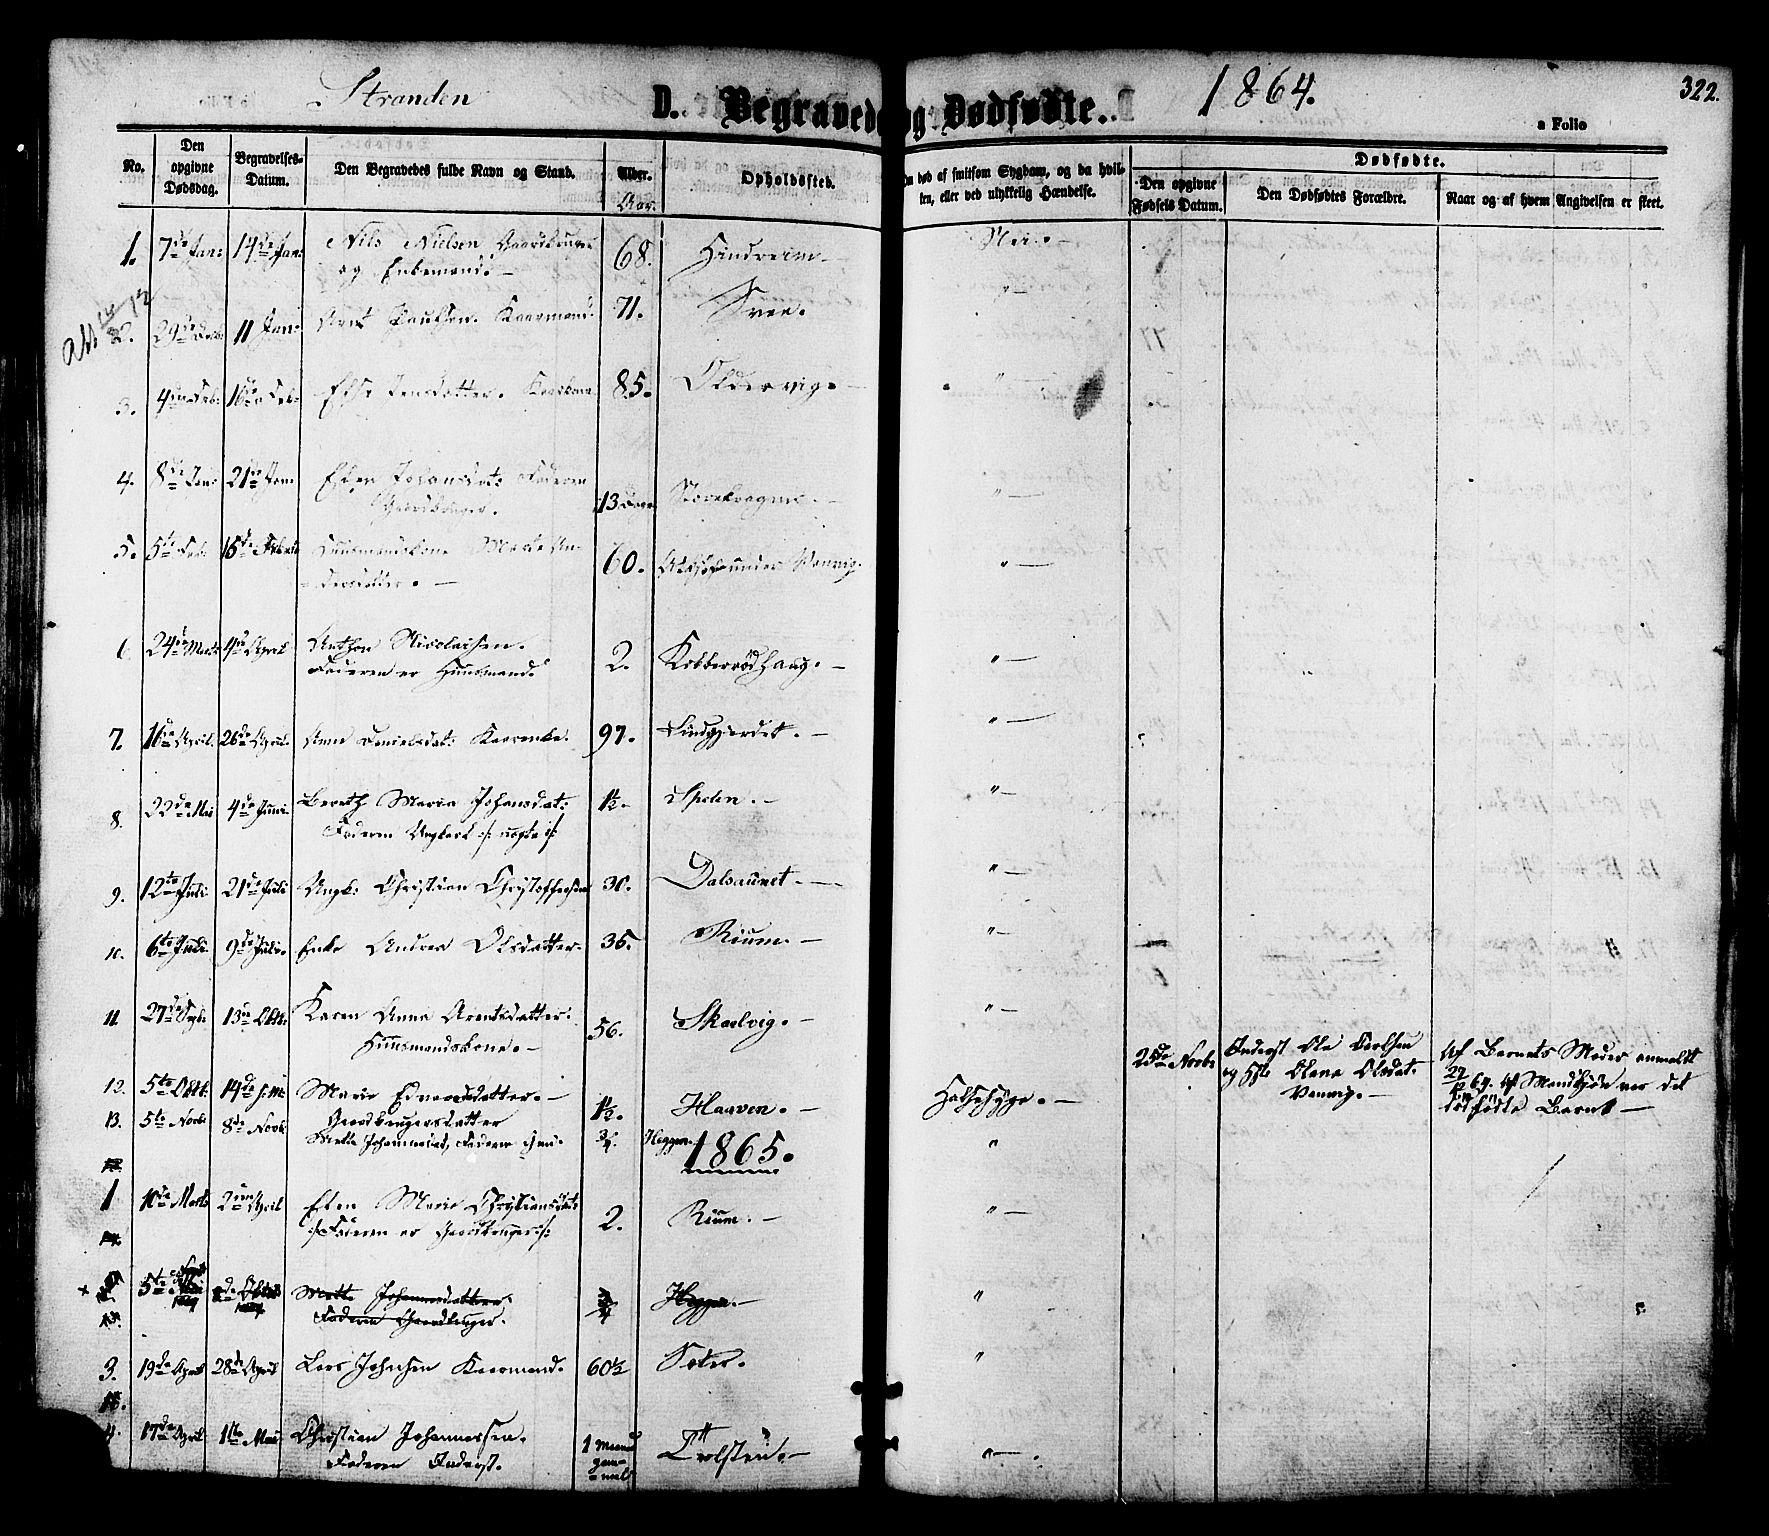 SAT, Ministerialprotokoller, klokkerbøker og fødselsregistre - Nord-Trøndelag, 701/L0009: Ministerialbok nr. 701A09 /2, 1864-1882, s. 322